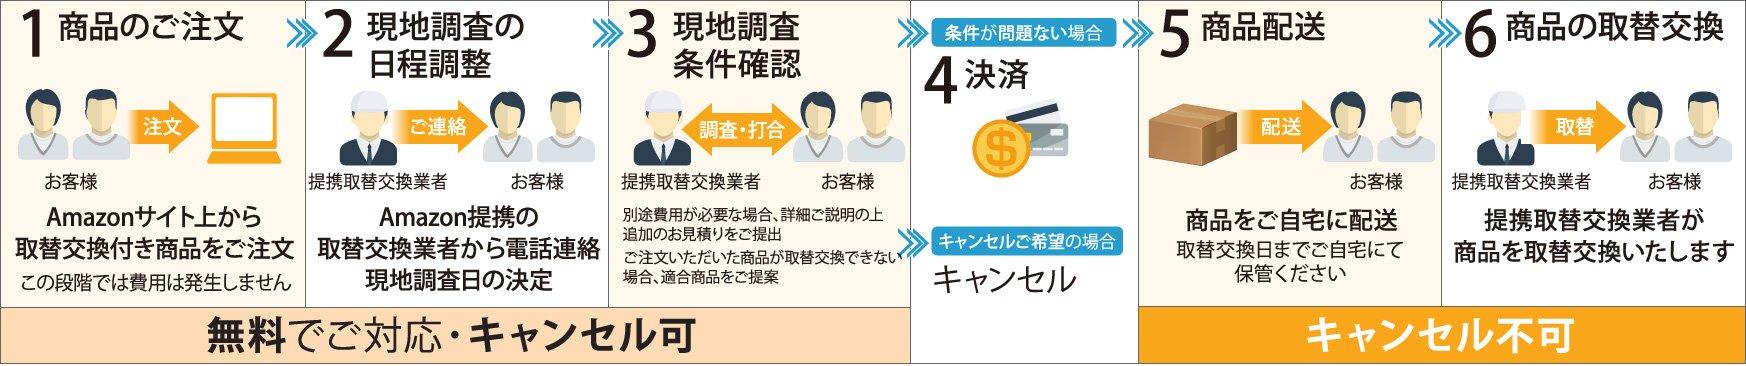 取替交換の流れ【組み合わせトイレ】